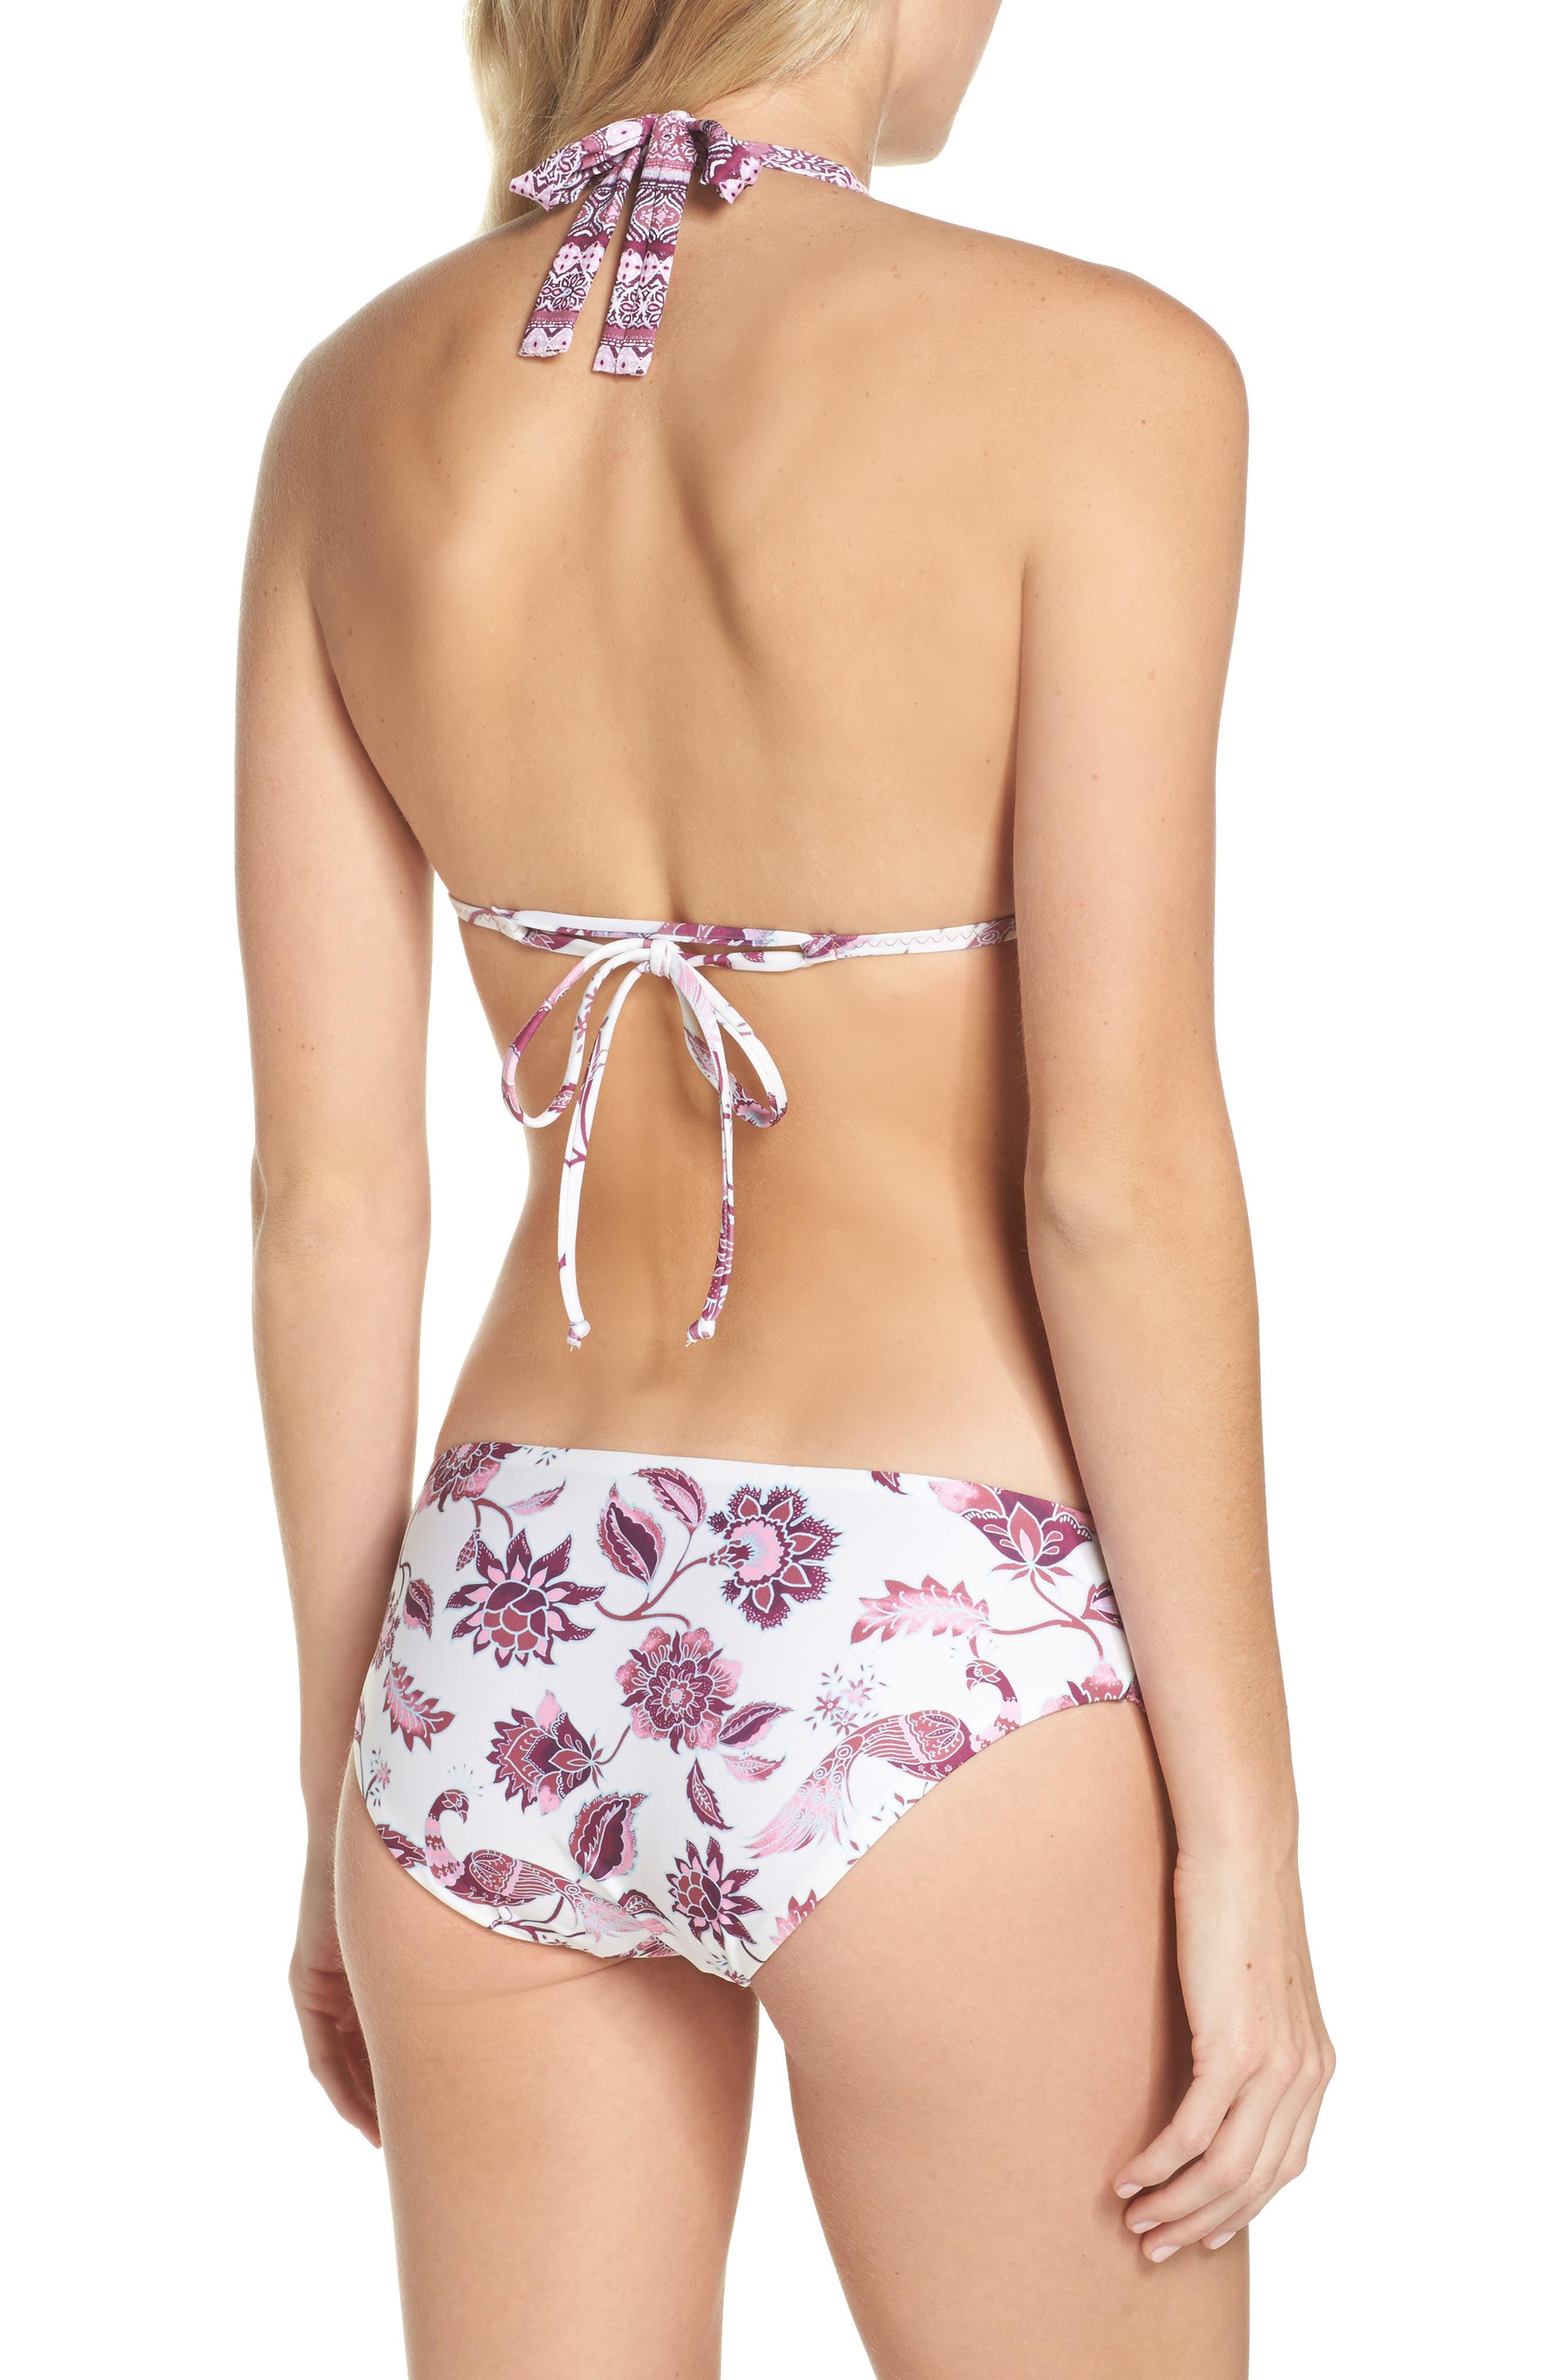 Tahiti Halter Bikini Top,                             Alternate thumbnail 6, color,                             White/ Pink Multi